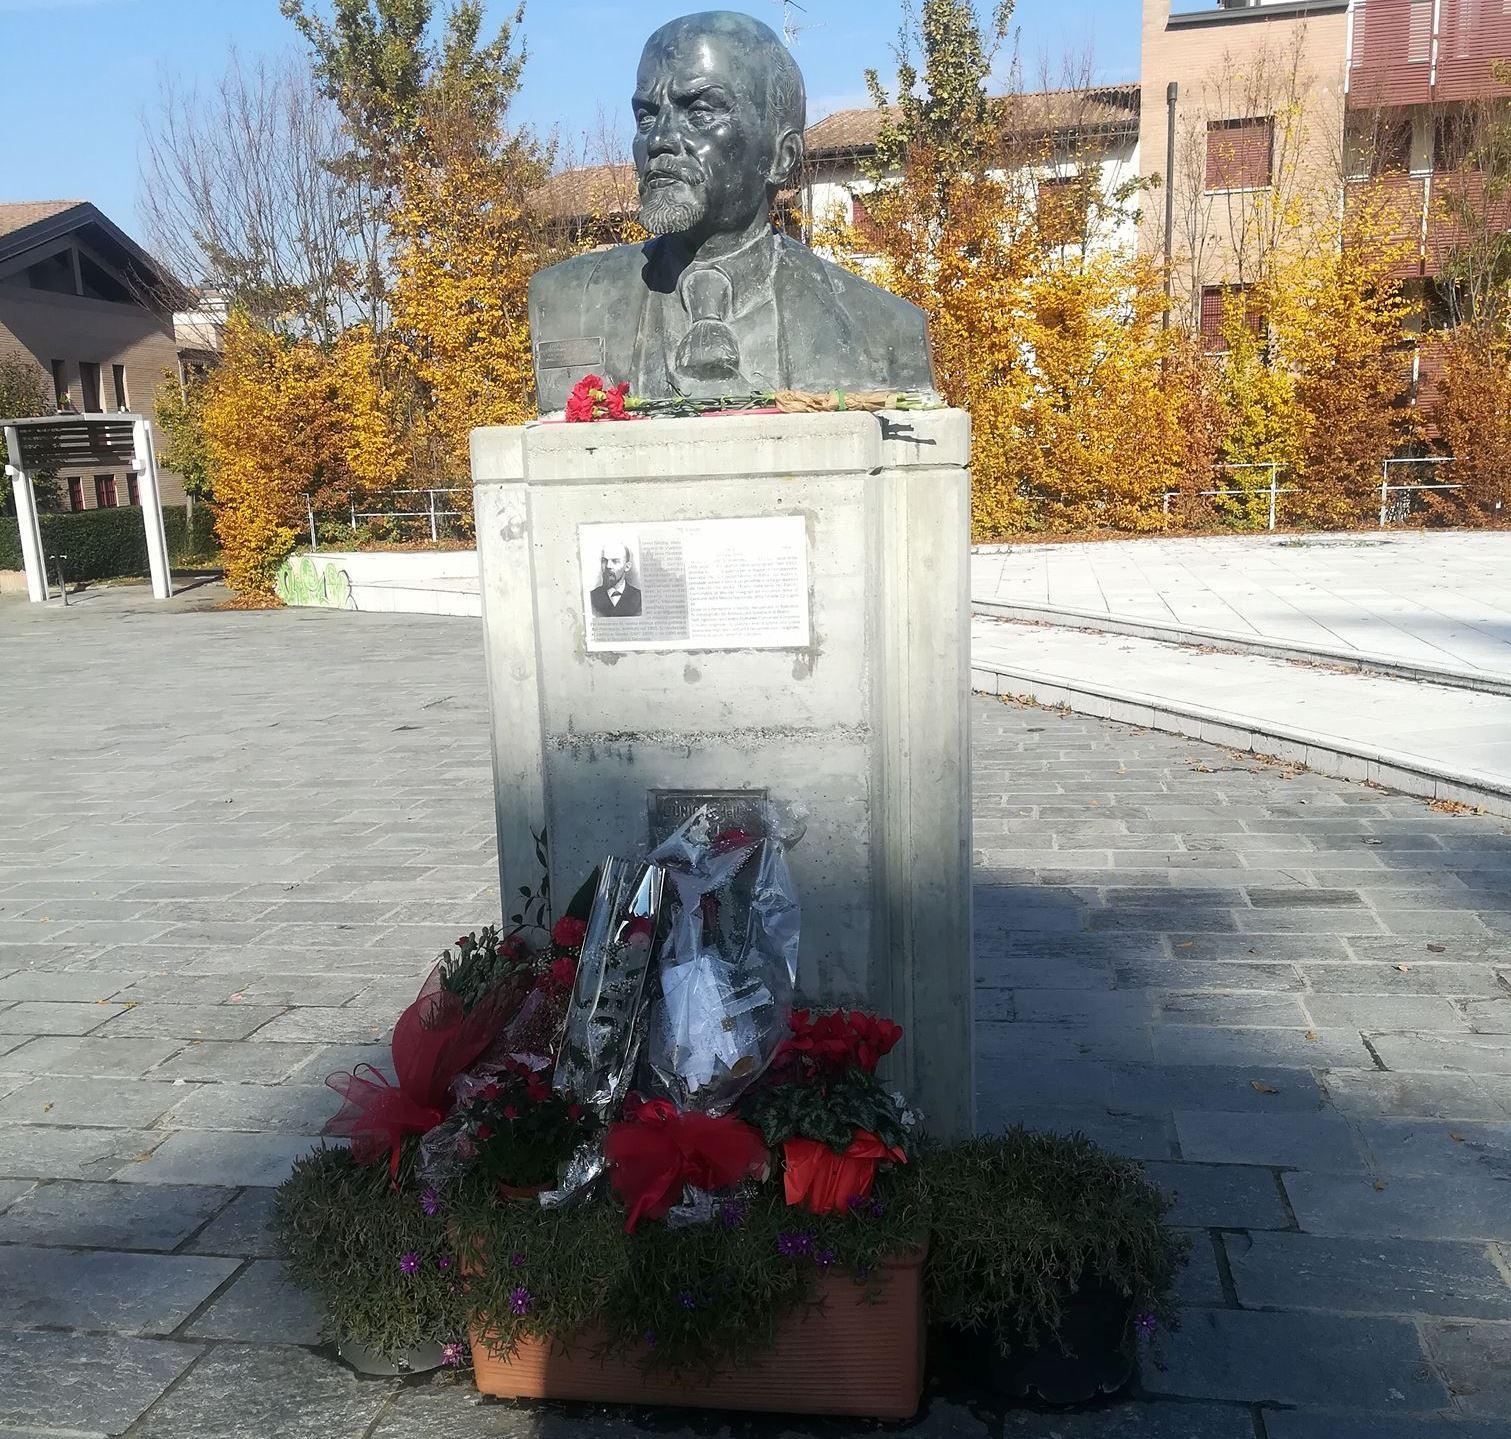 Fiori al busto di Lenin per rivoluzione